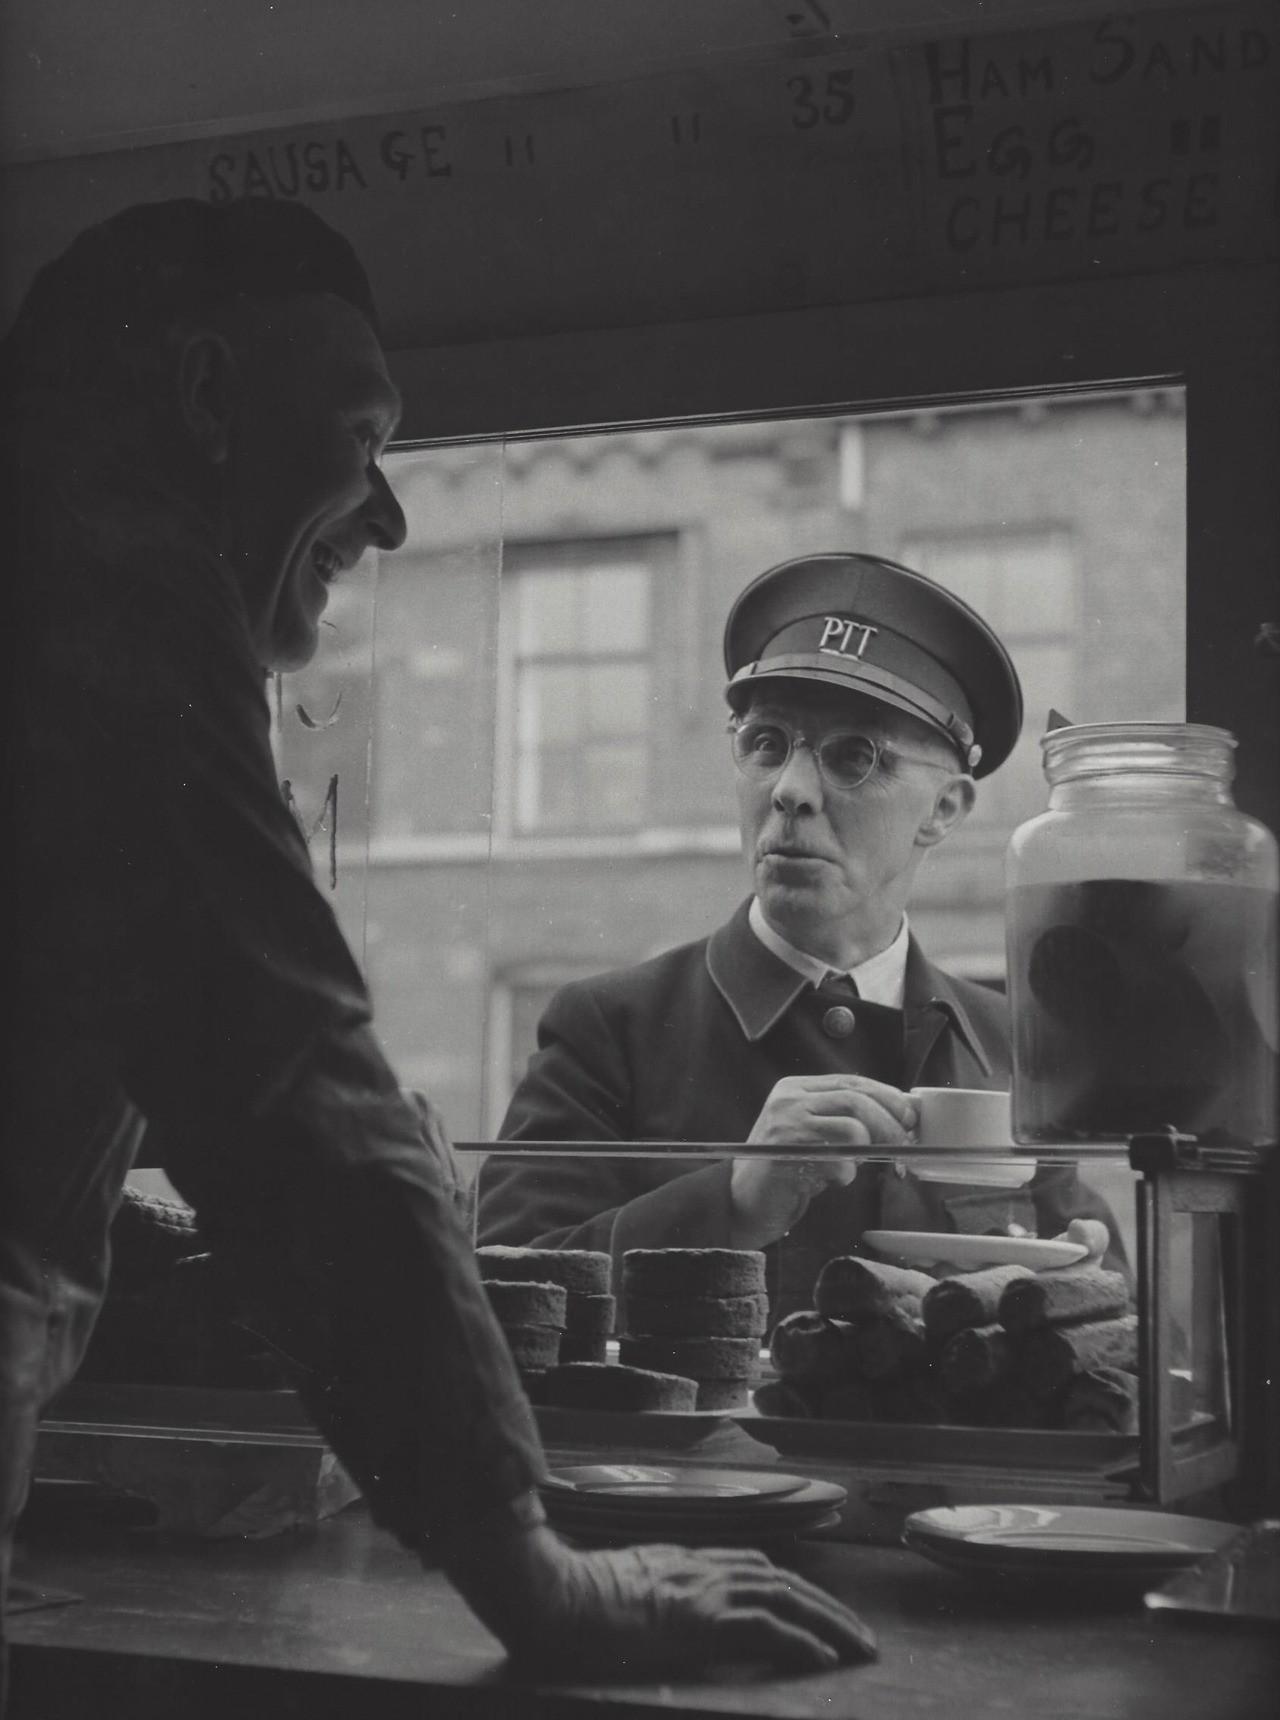 У почтальона перерыв, Амстердам, 1950-е. Фотограф Кис Шерер